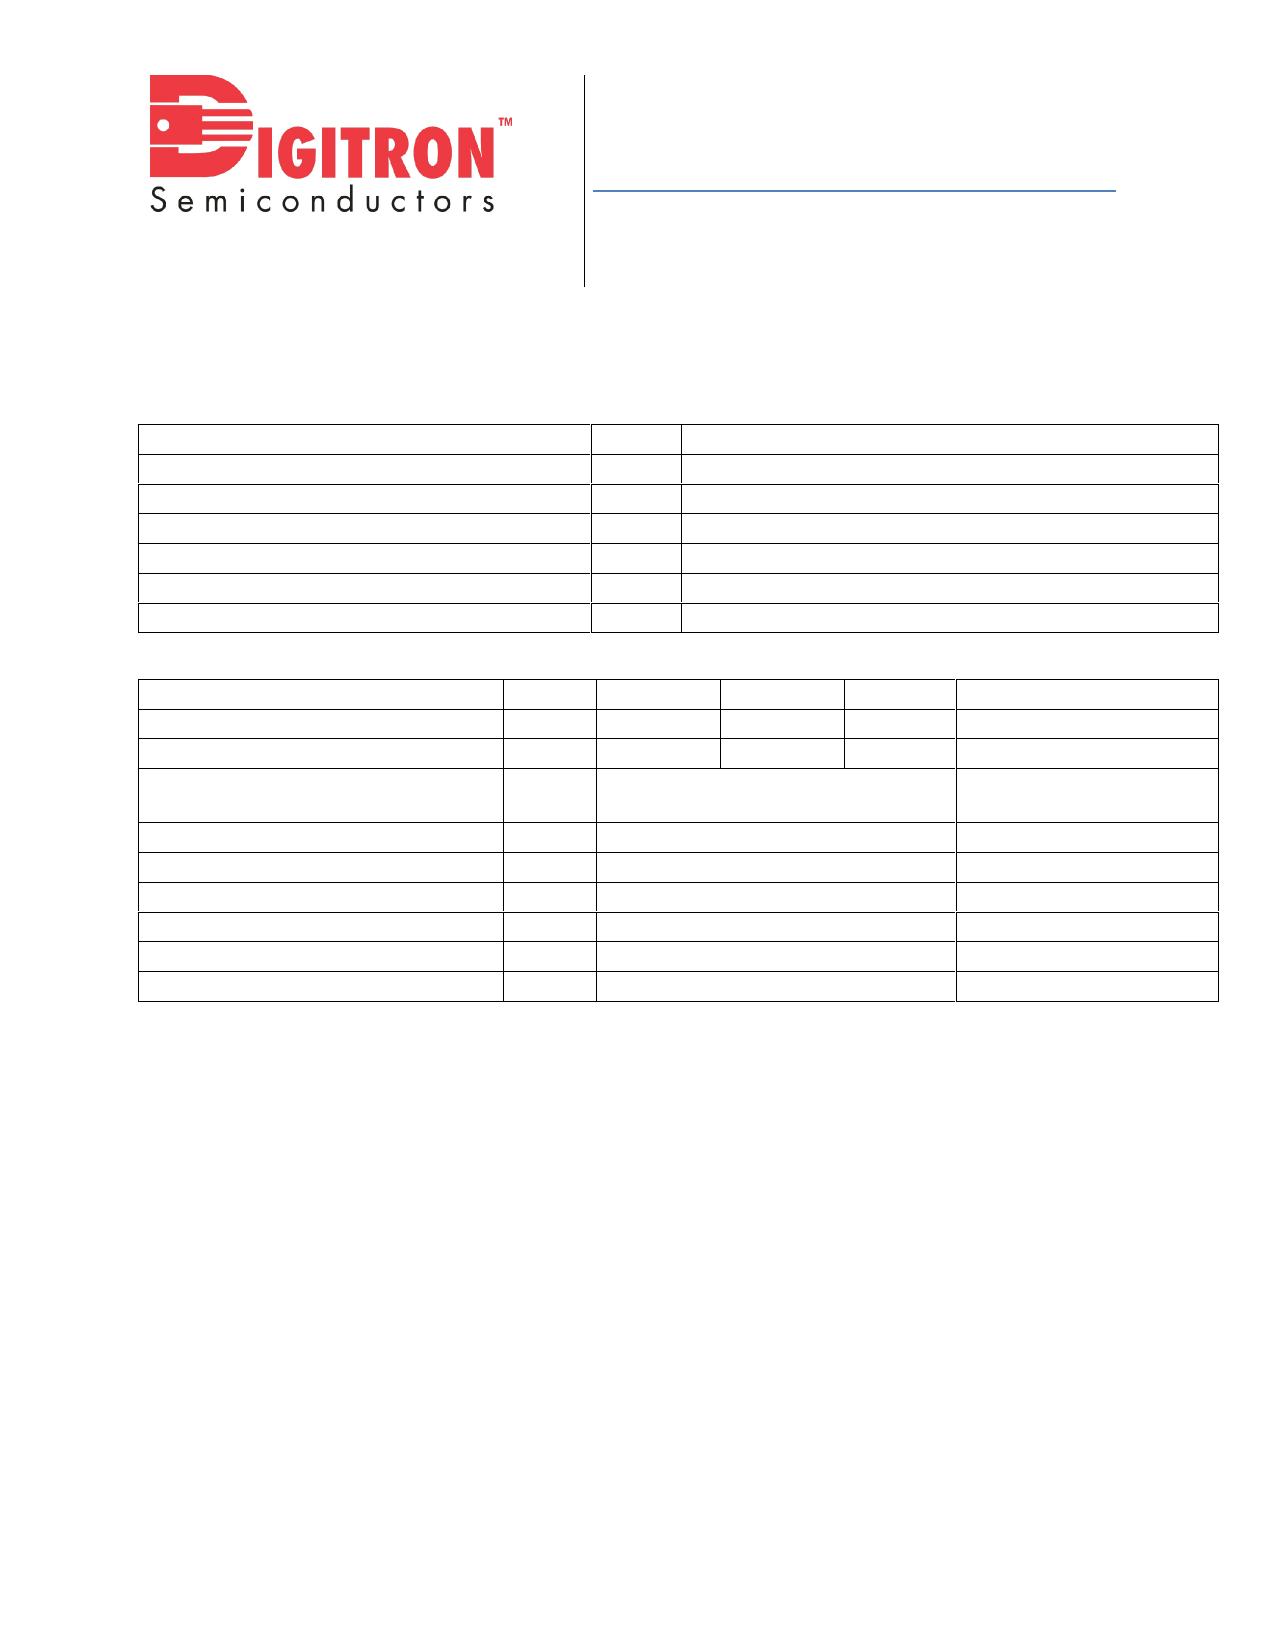 UFR10260 데이터시트 및 UFR10260 PDF